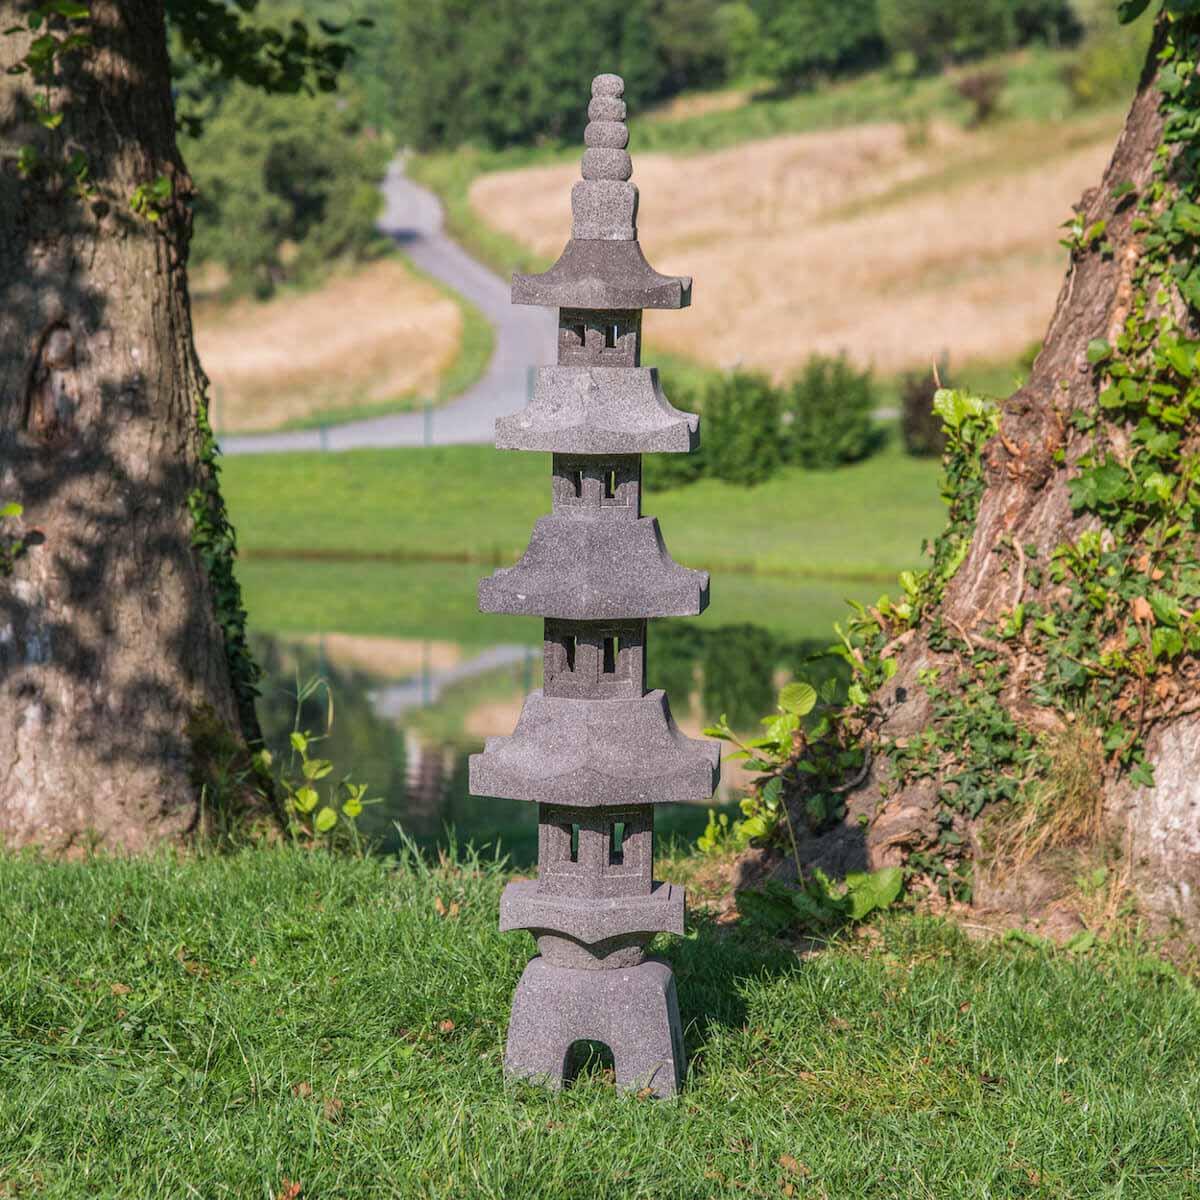 Wanda Collection Lanterne japonaise pagode en pierre de lave 1.30 m